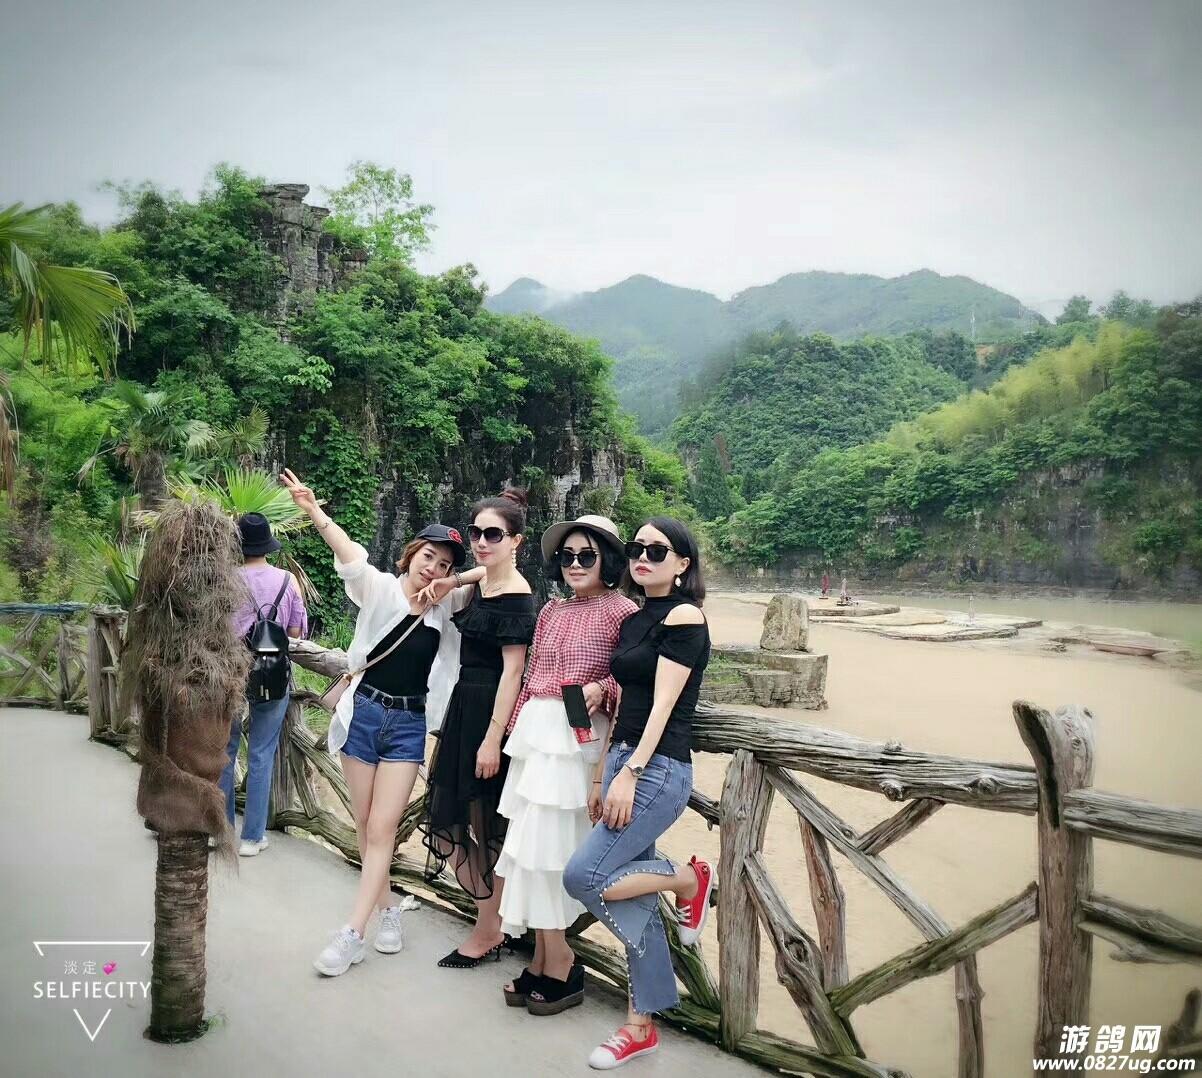 如果方便的朋友,不妨去浙江泰顺县南浦溪景区比拼比拼,看看是景美?